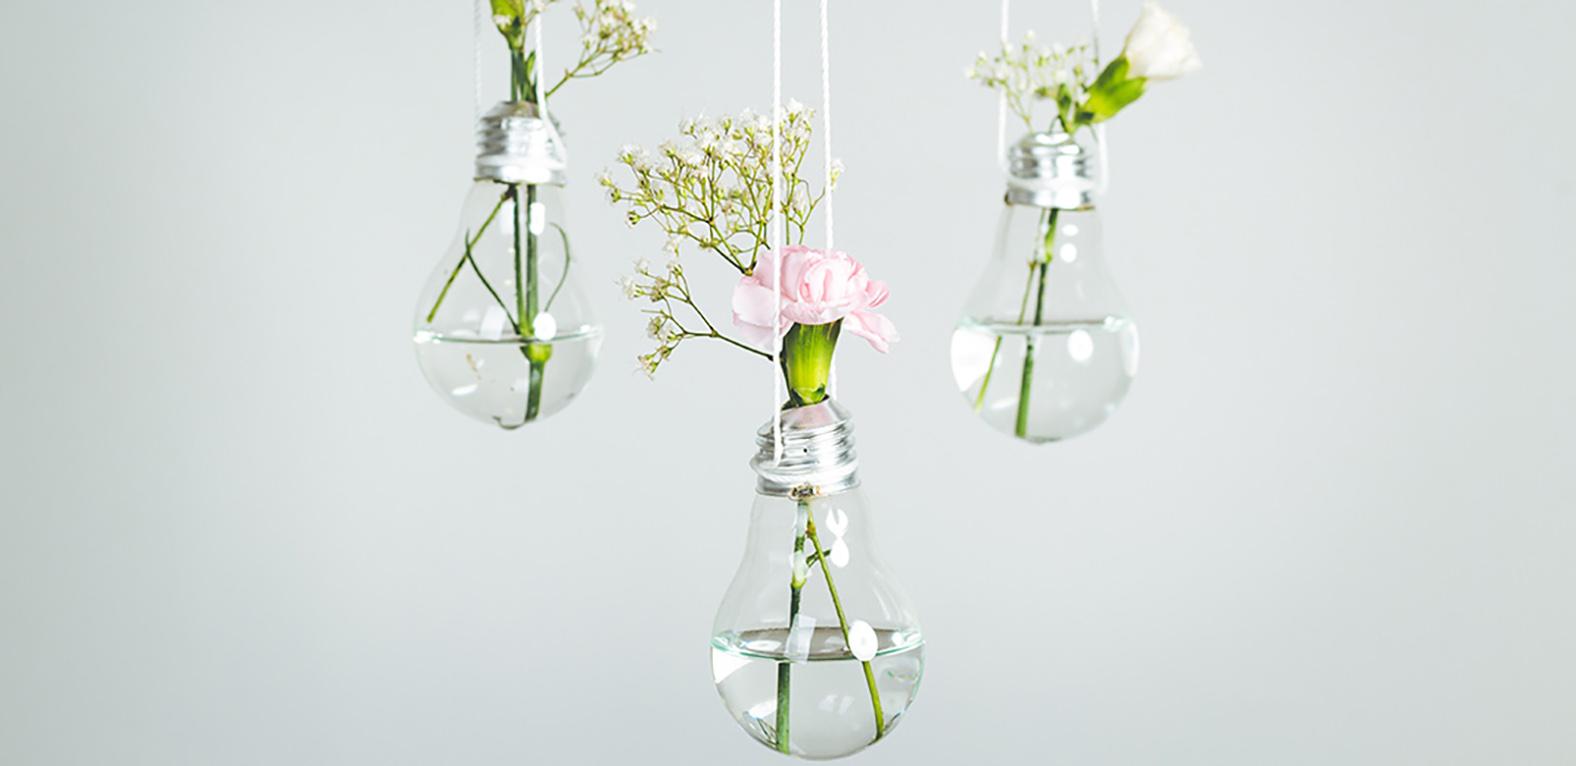 Glühbirne upsycling Vase